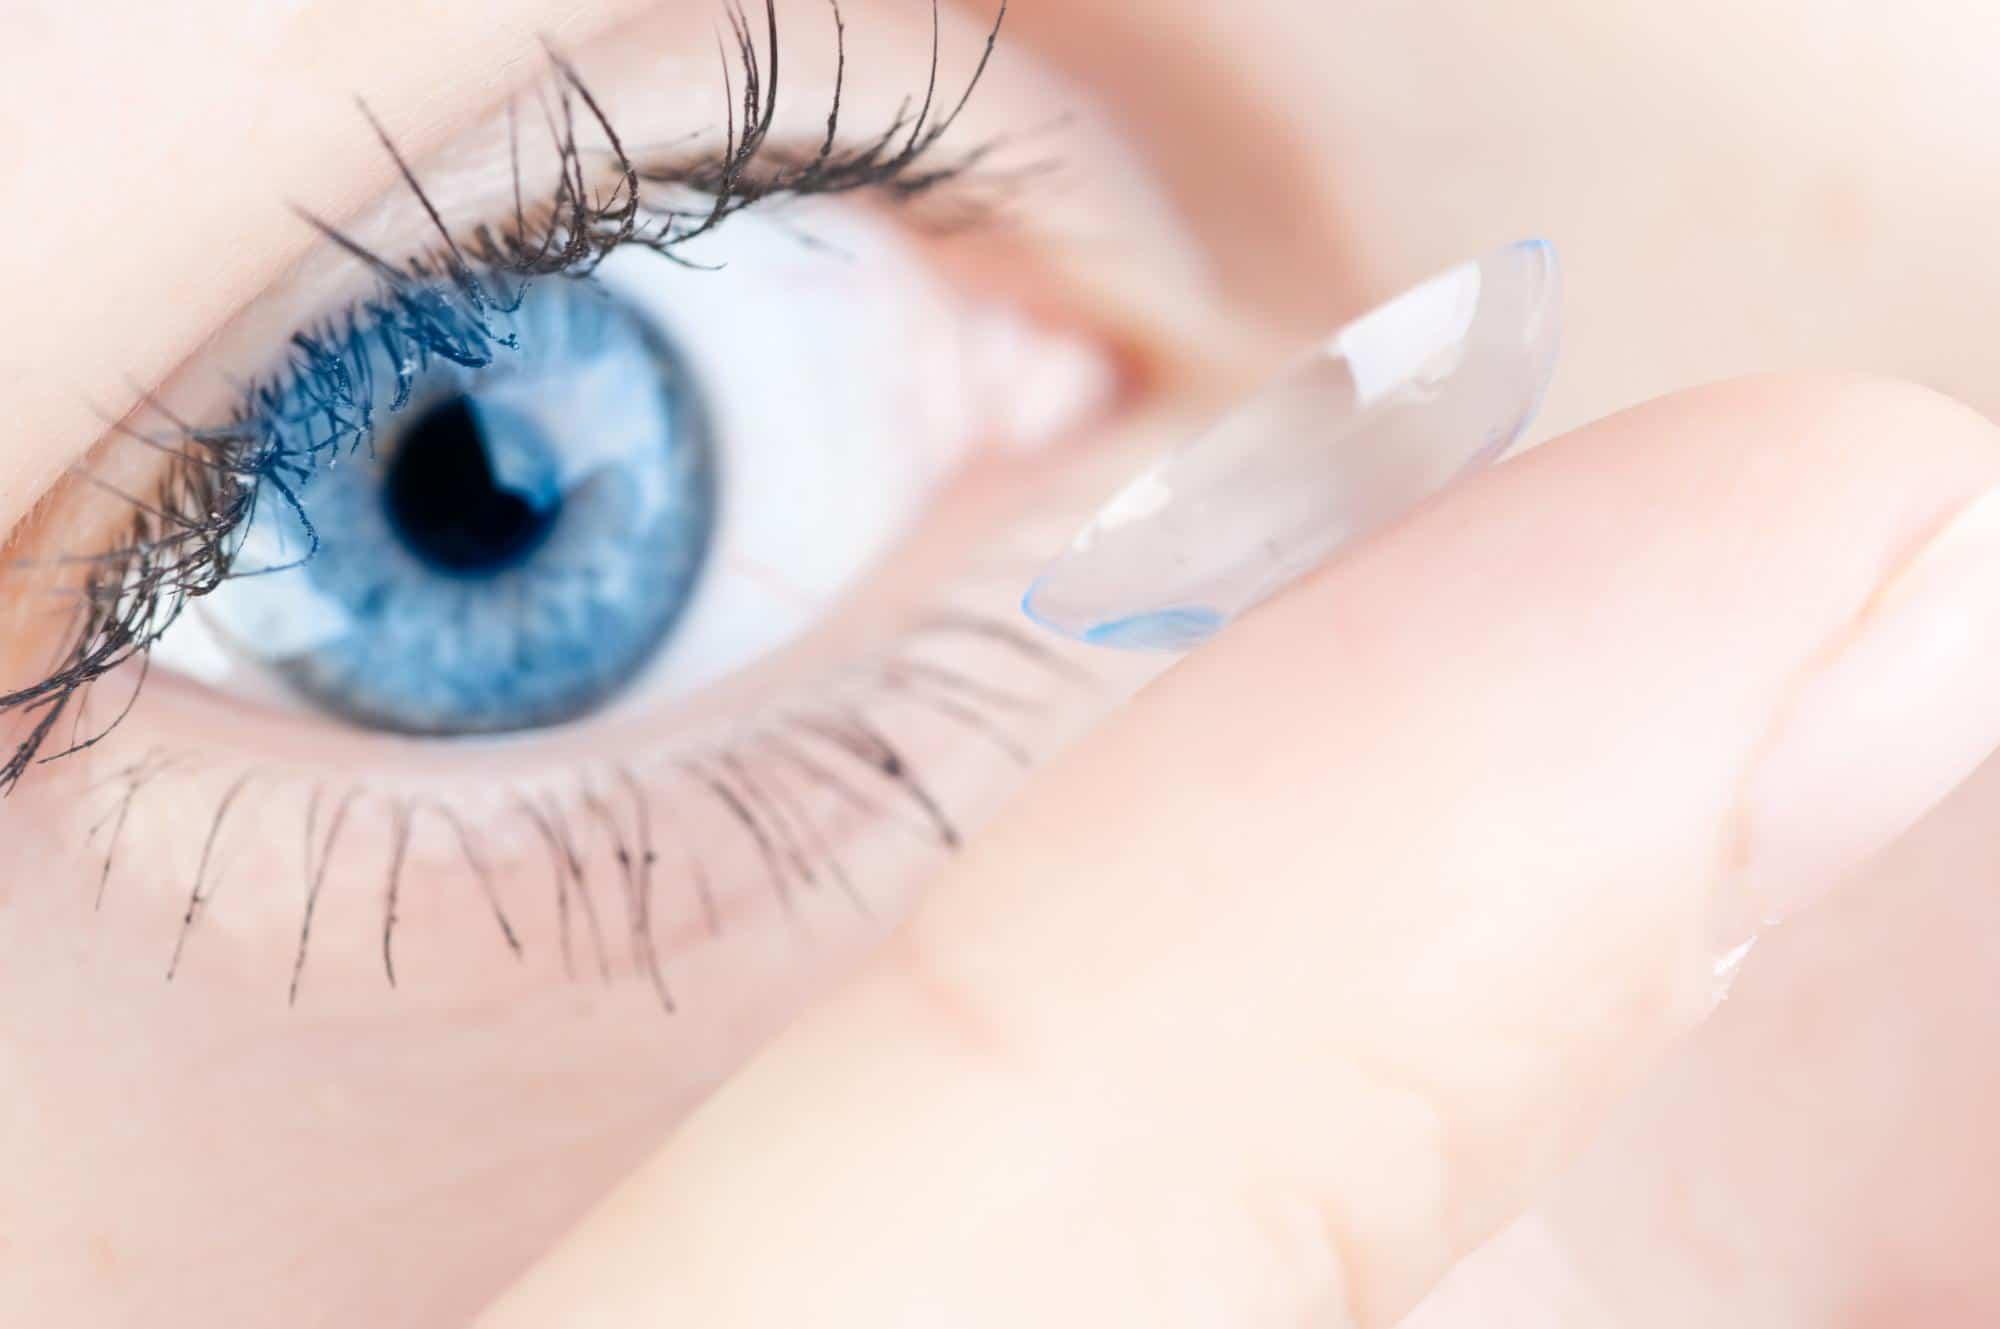 Lentille de contact : Bien entretenir ses lentilles